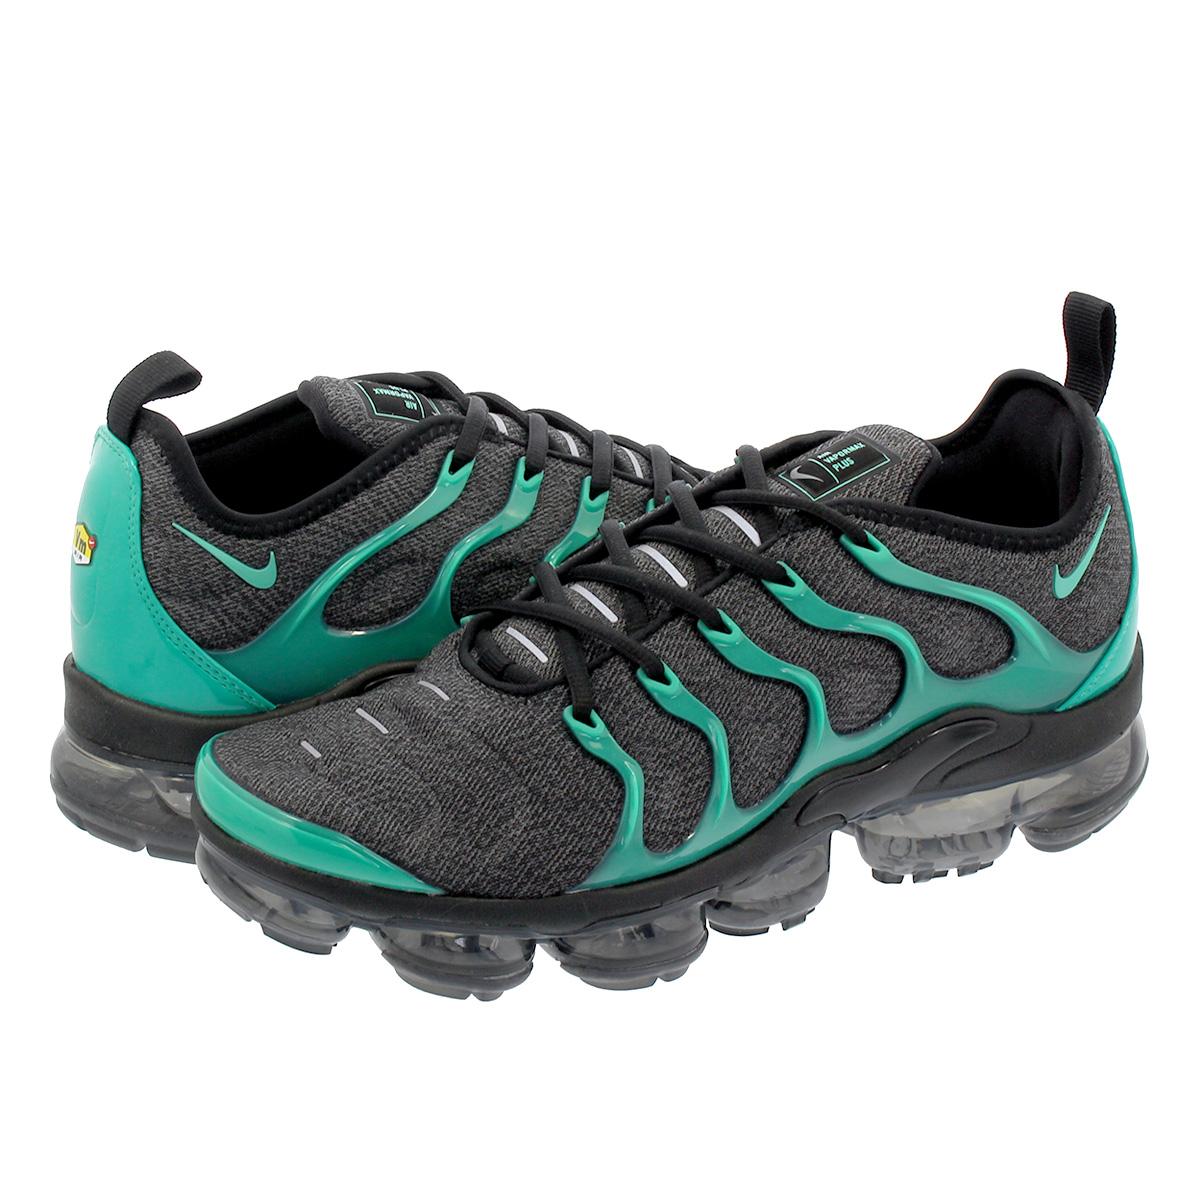 【お買い物マラソンSALE】 【ビッグ・スモールサイズ】 NIKE AIR VAPORMAX PLUS ナイキ ヴェイパー マックス プラス BLACK/GREEN 924453-013